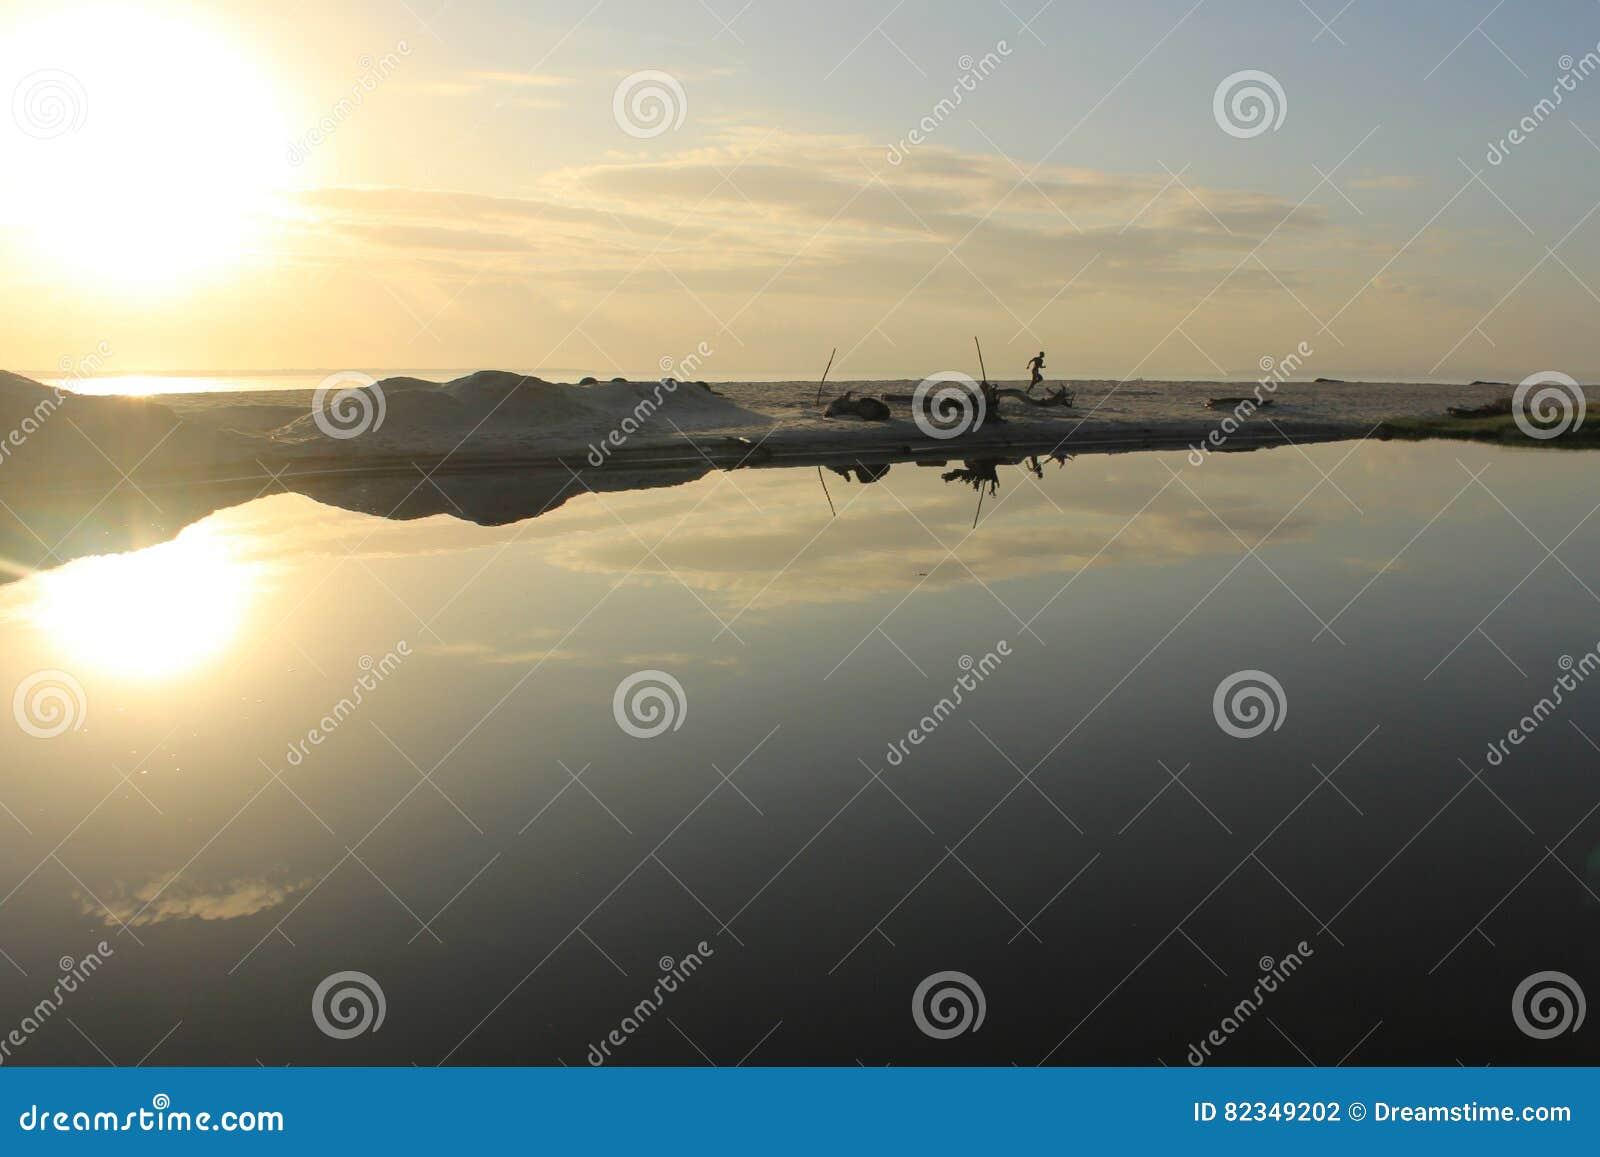 Beautiful Sunrise Reflection